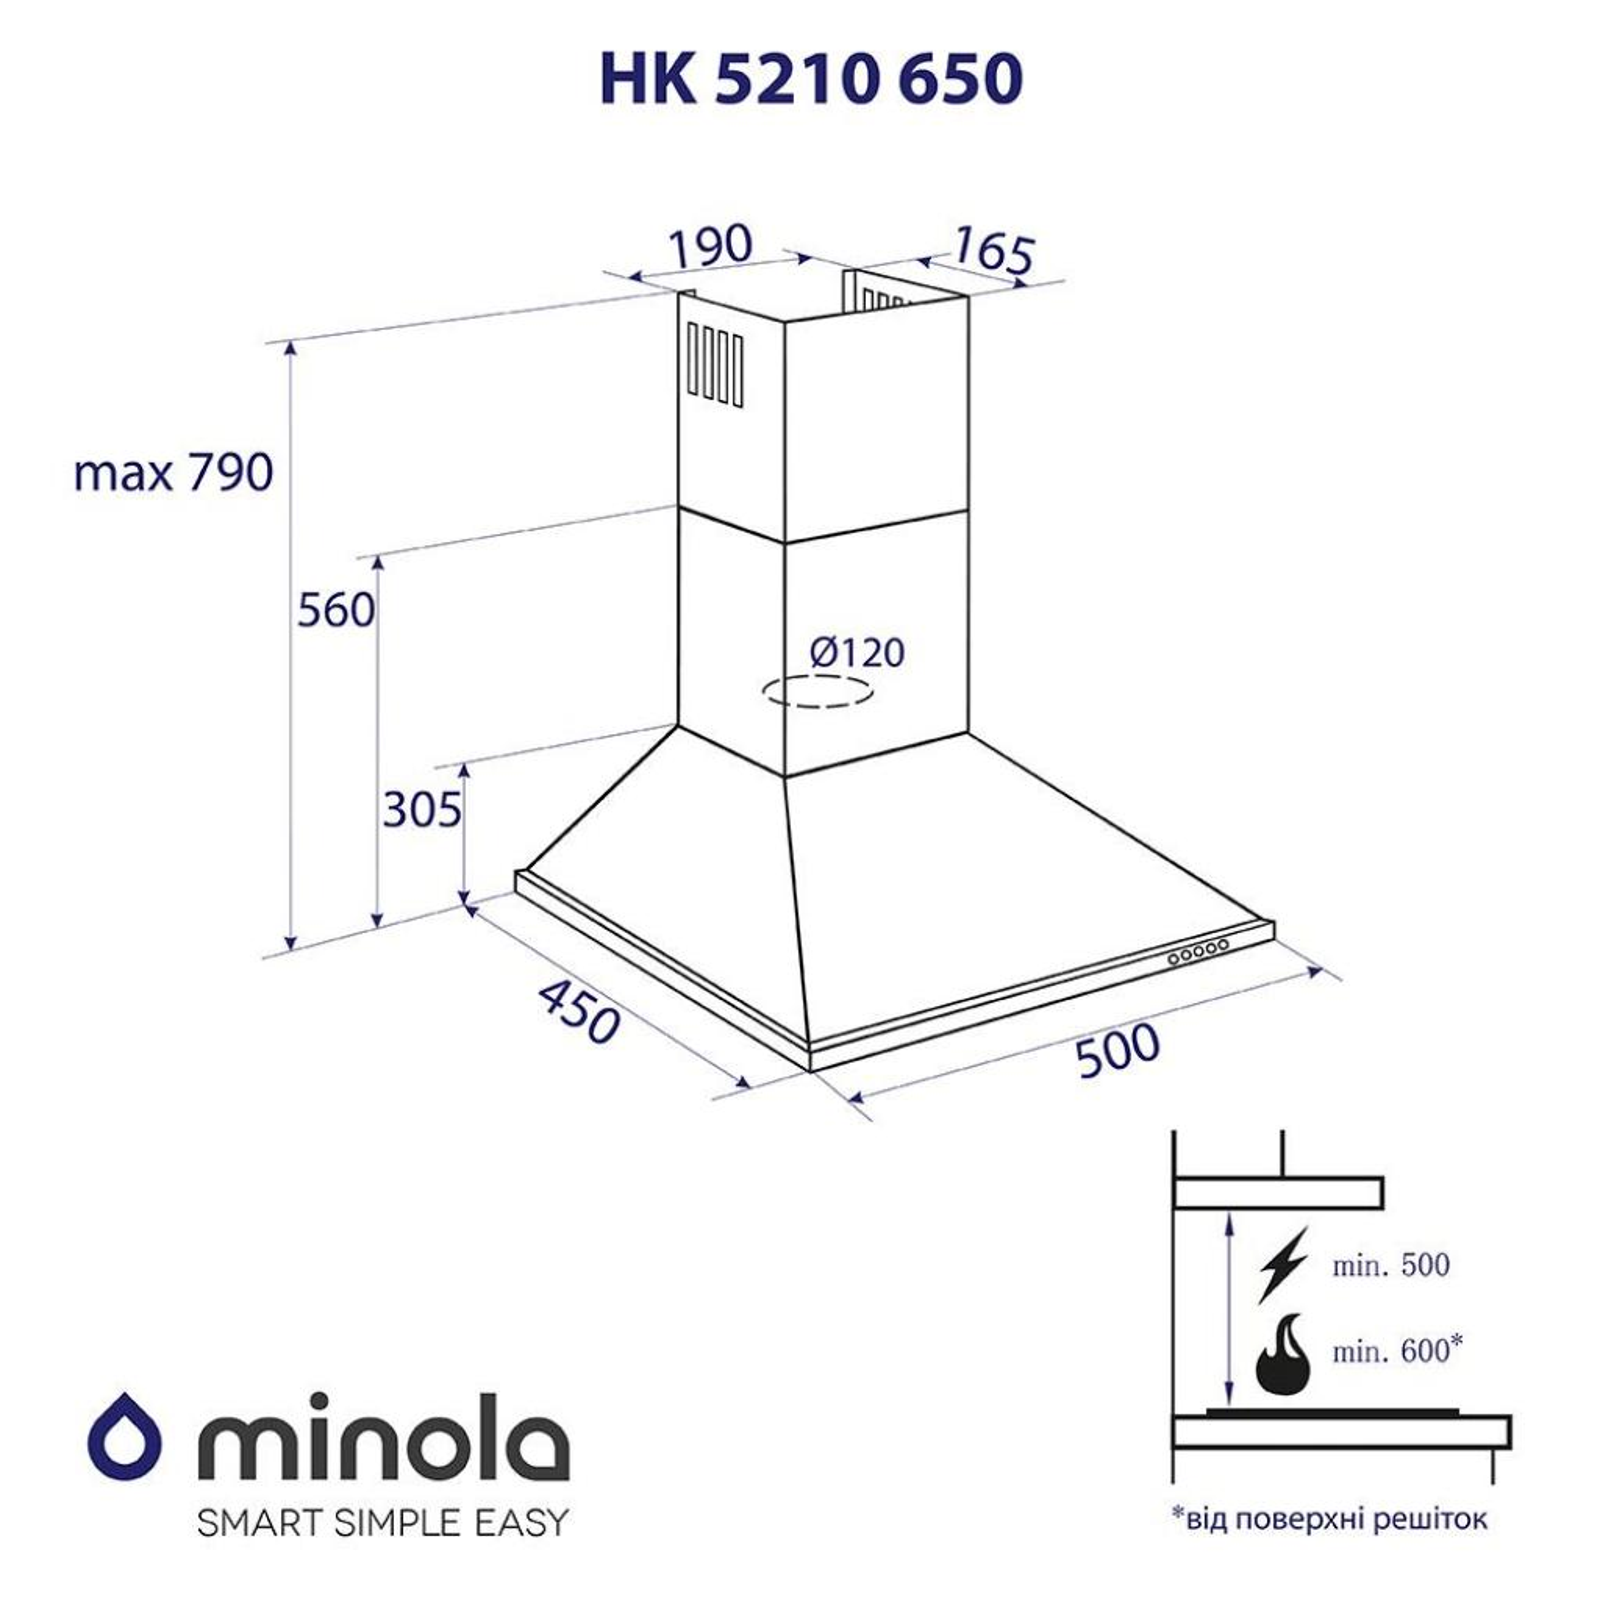 Вытяжка кухонная MINOLA HK 5210 BL 650 изображение 7